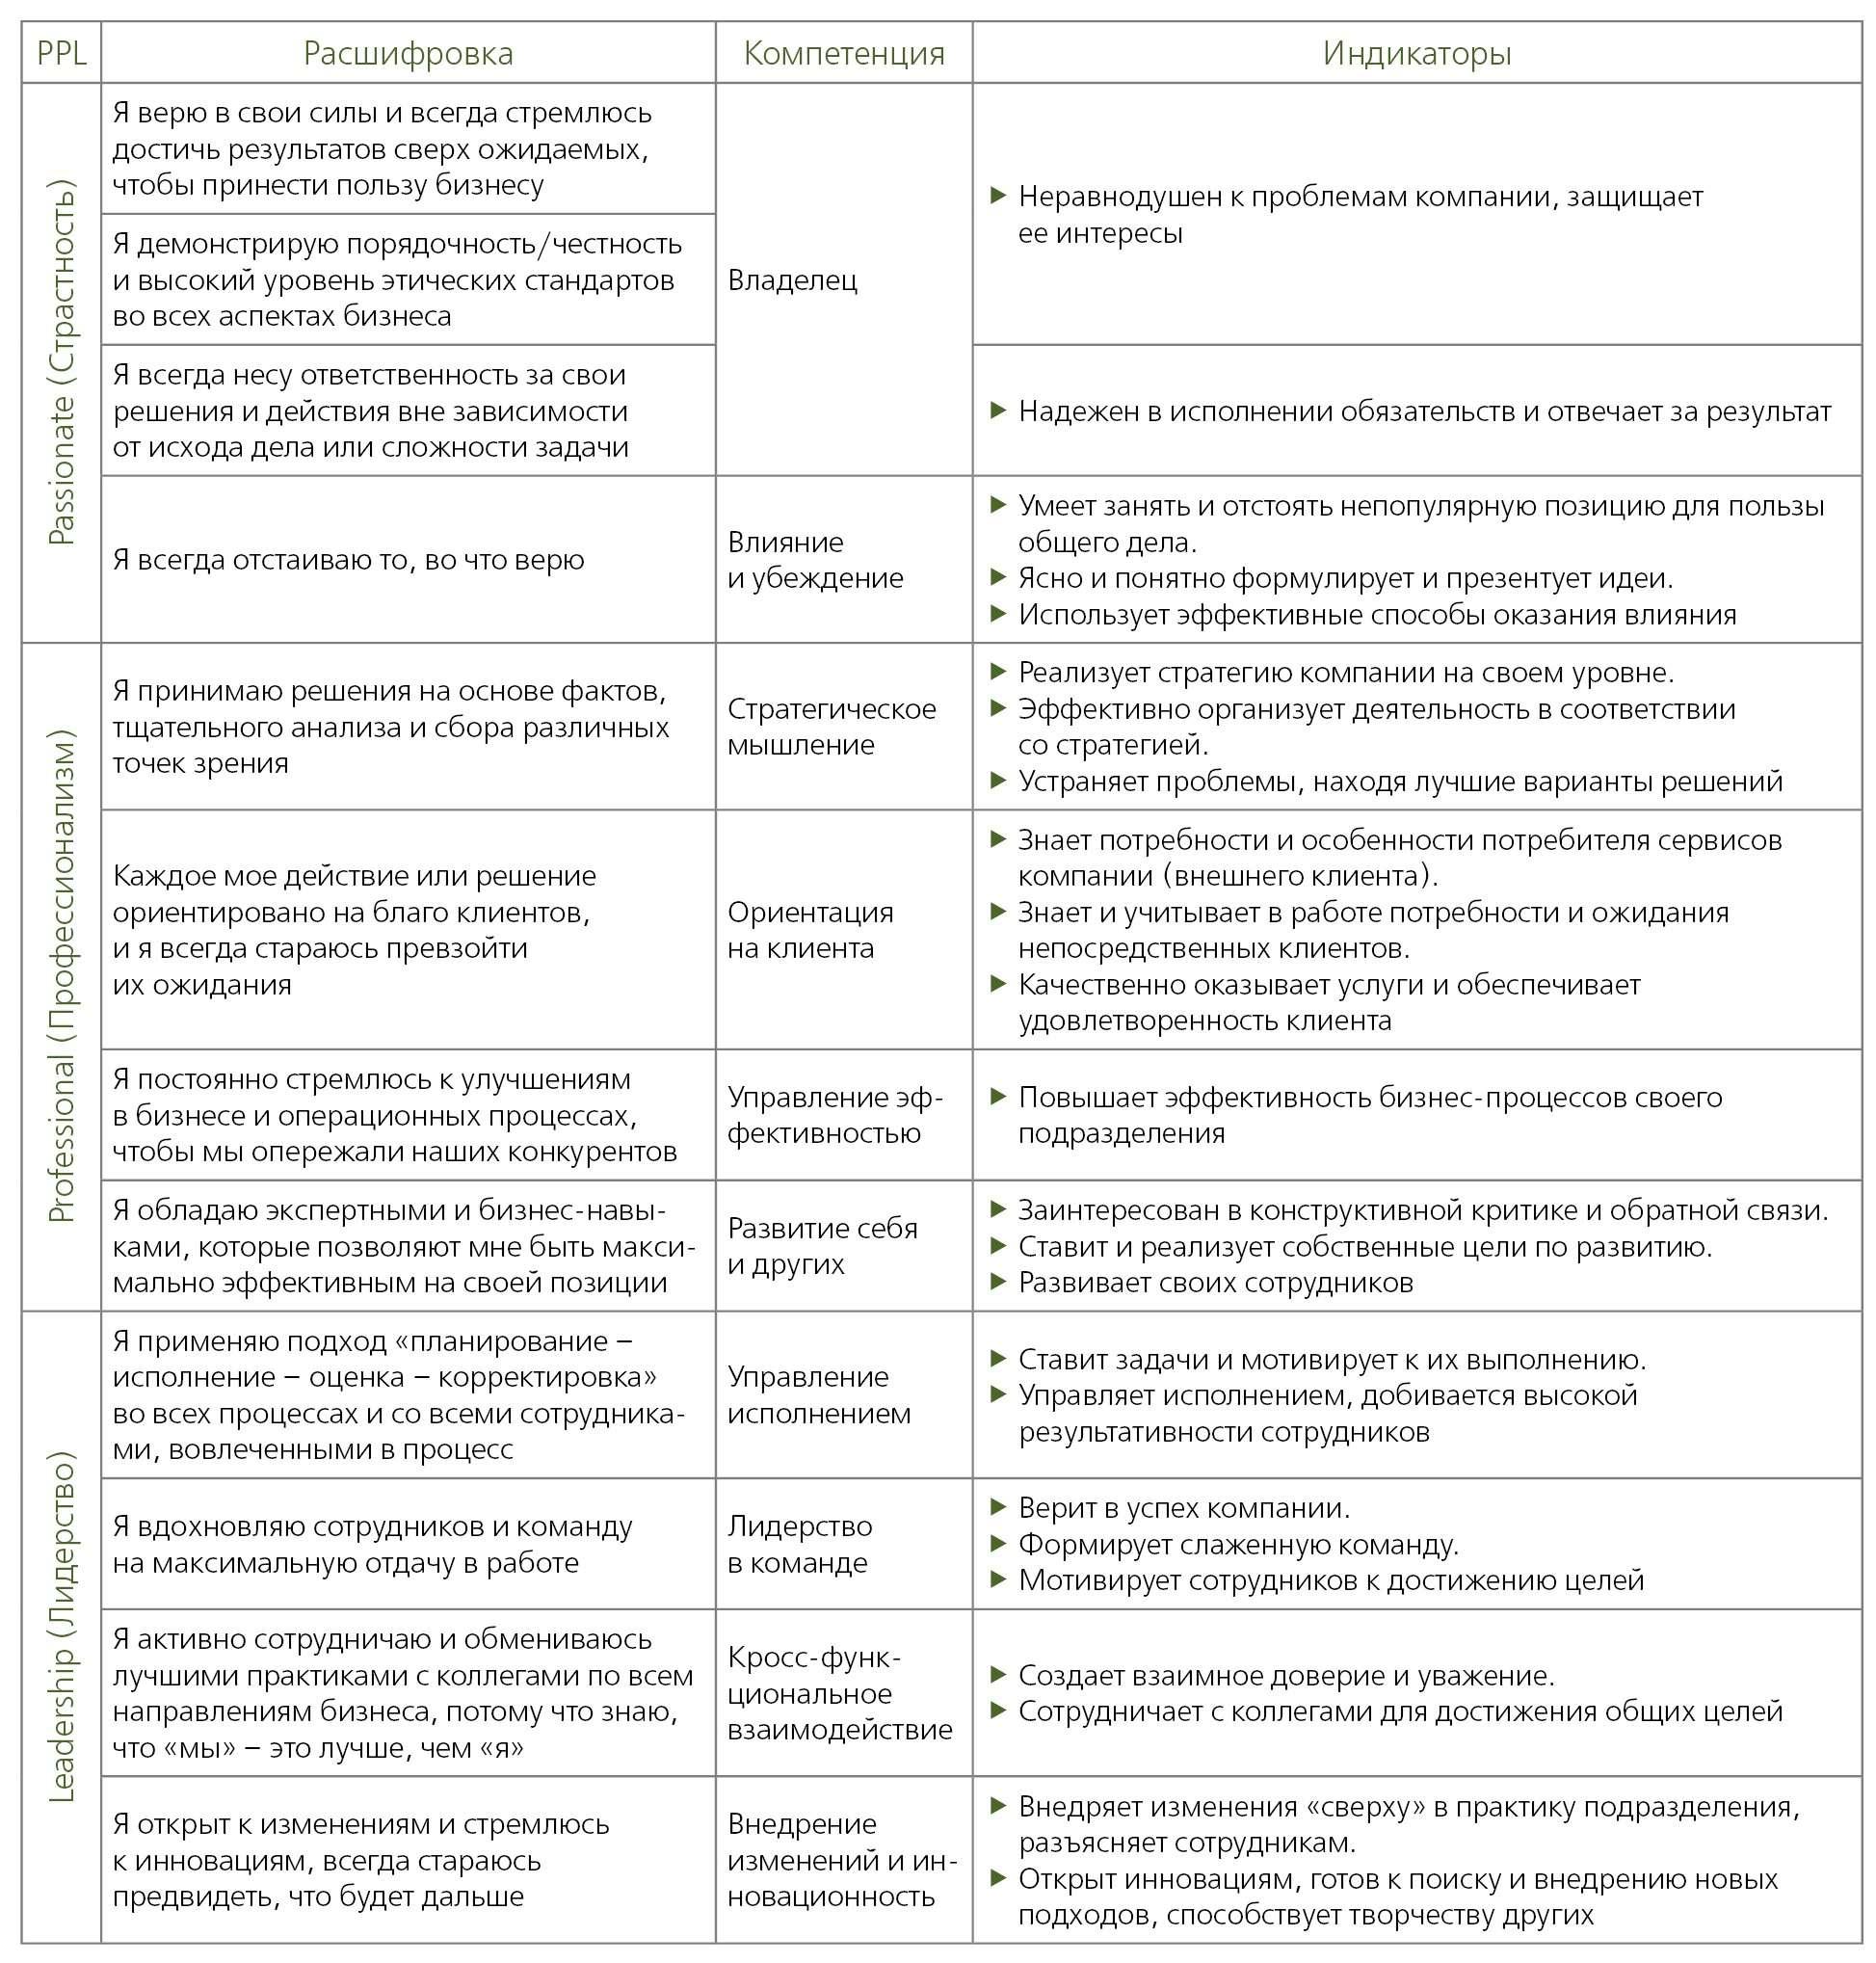 Модель лидерских компетенций